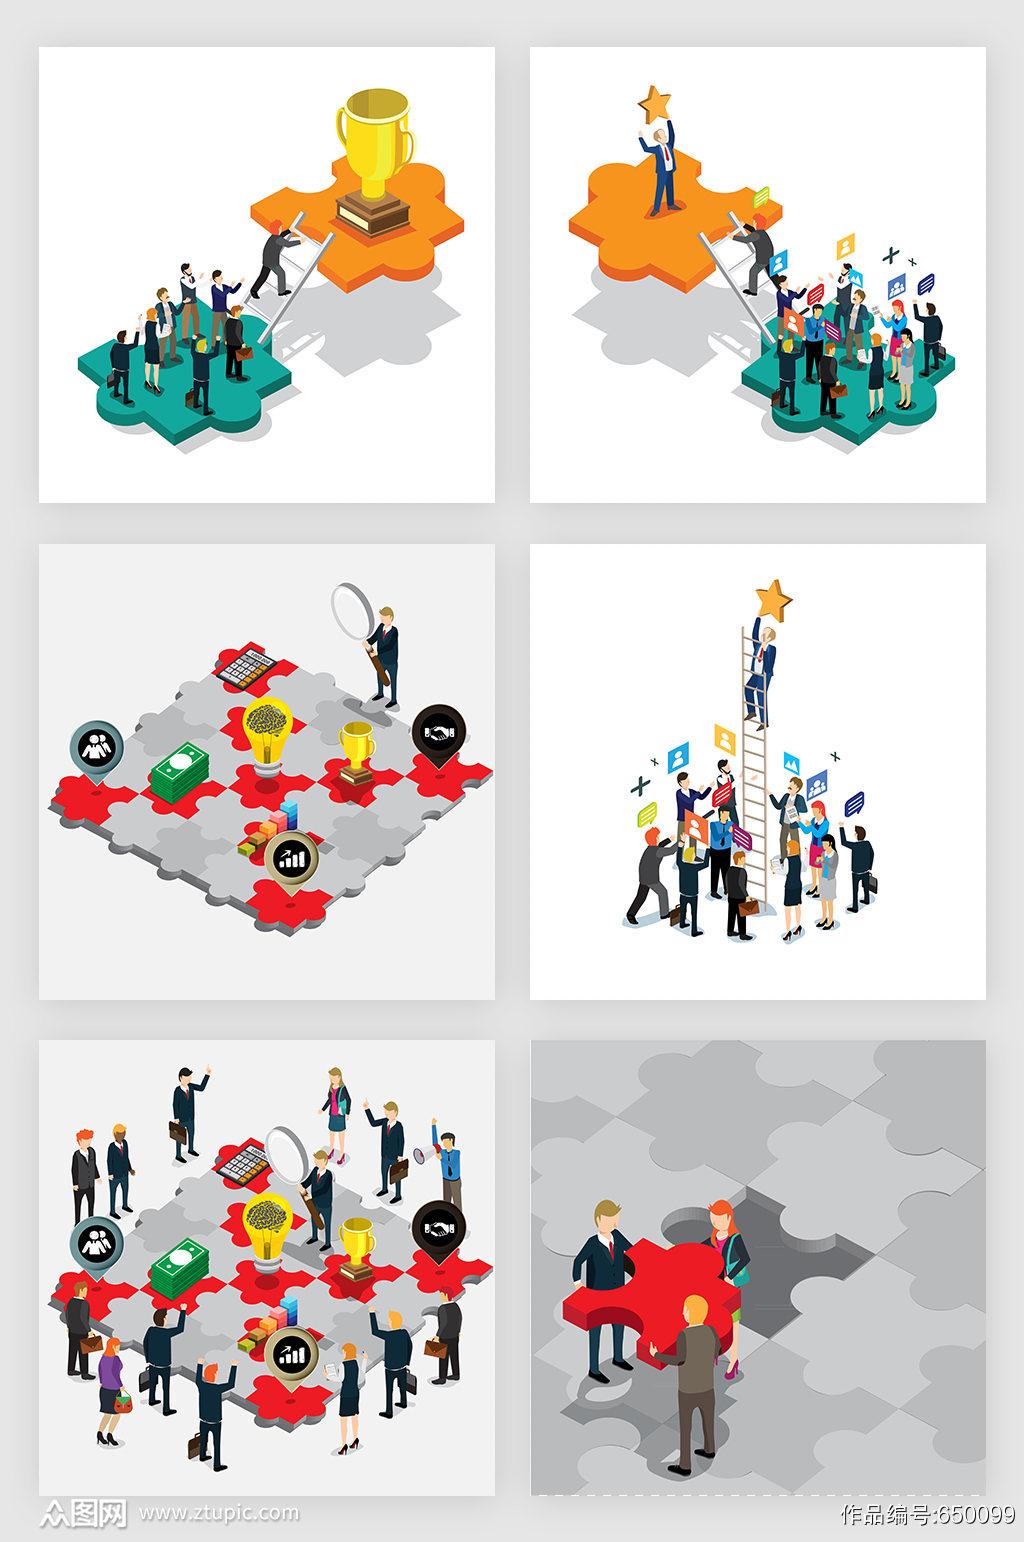 团队合作创意投资矢量插画素材